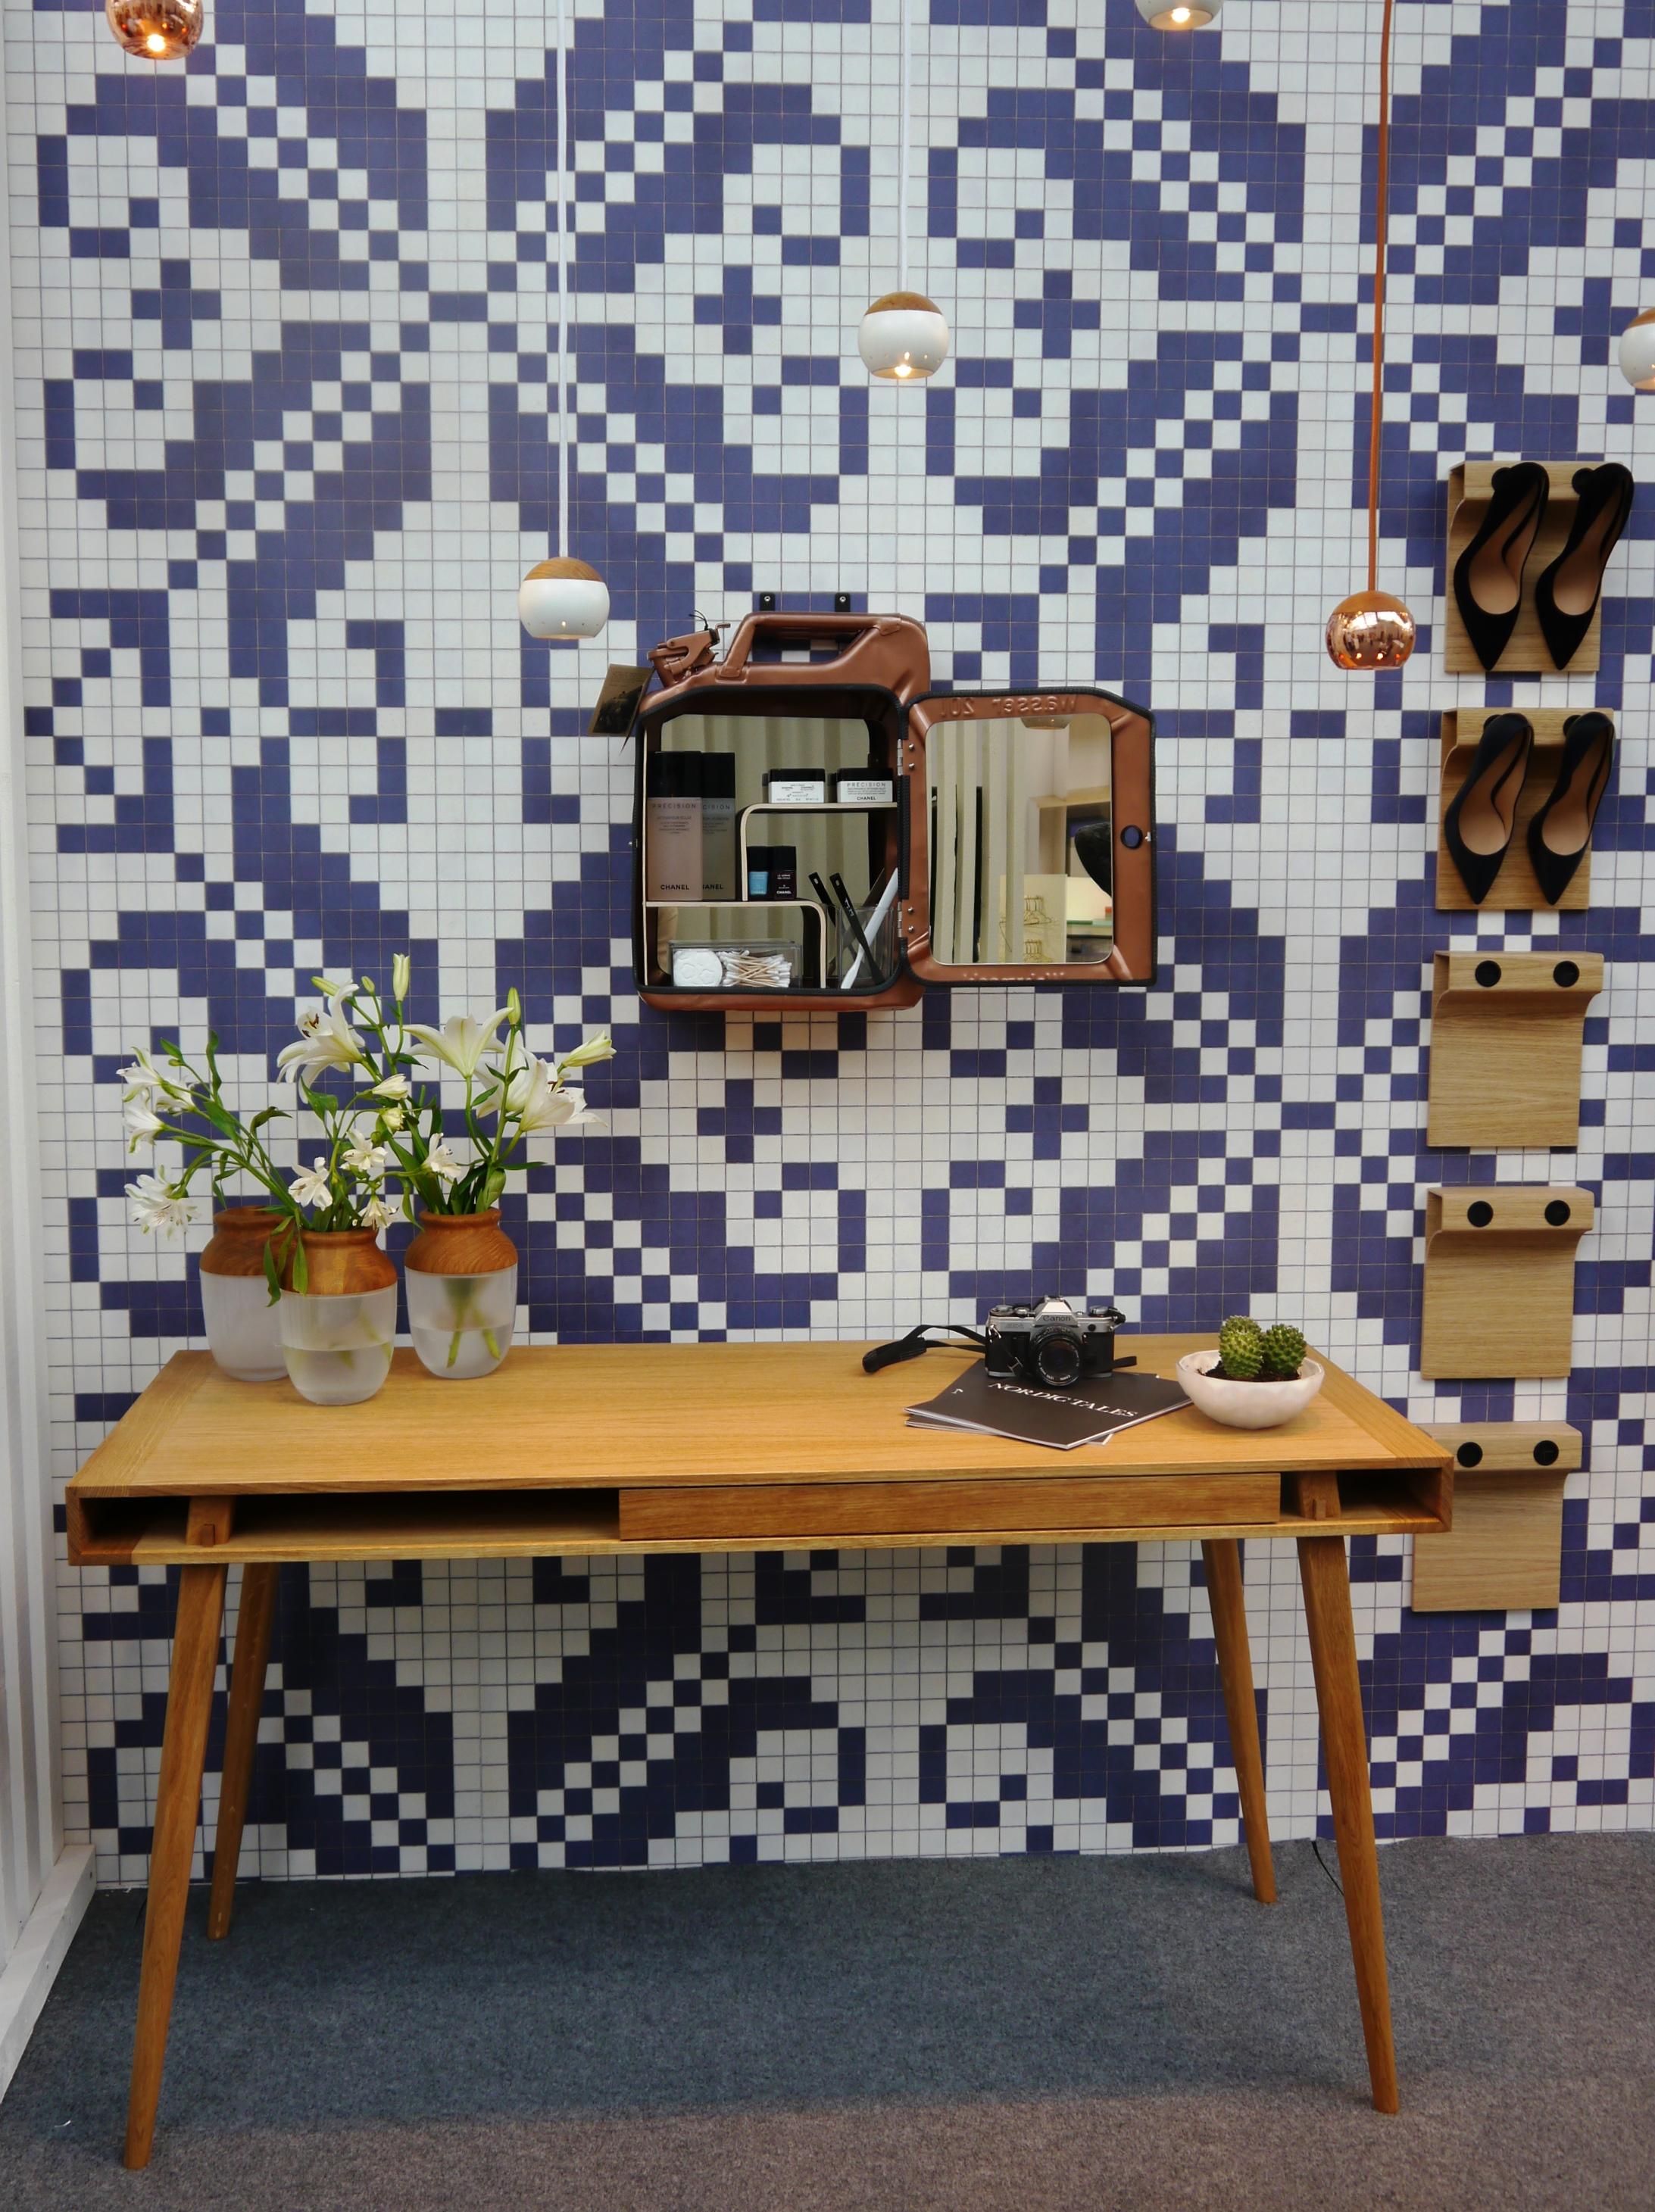 Nordic tales tisch und vase aus holz holzdesignpur blog for Tisch nordisches design